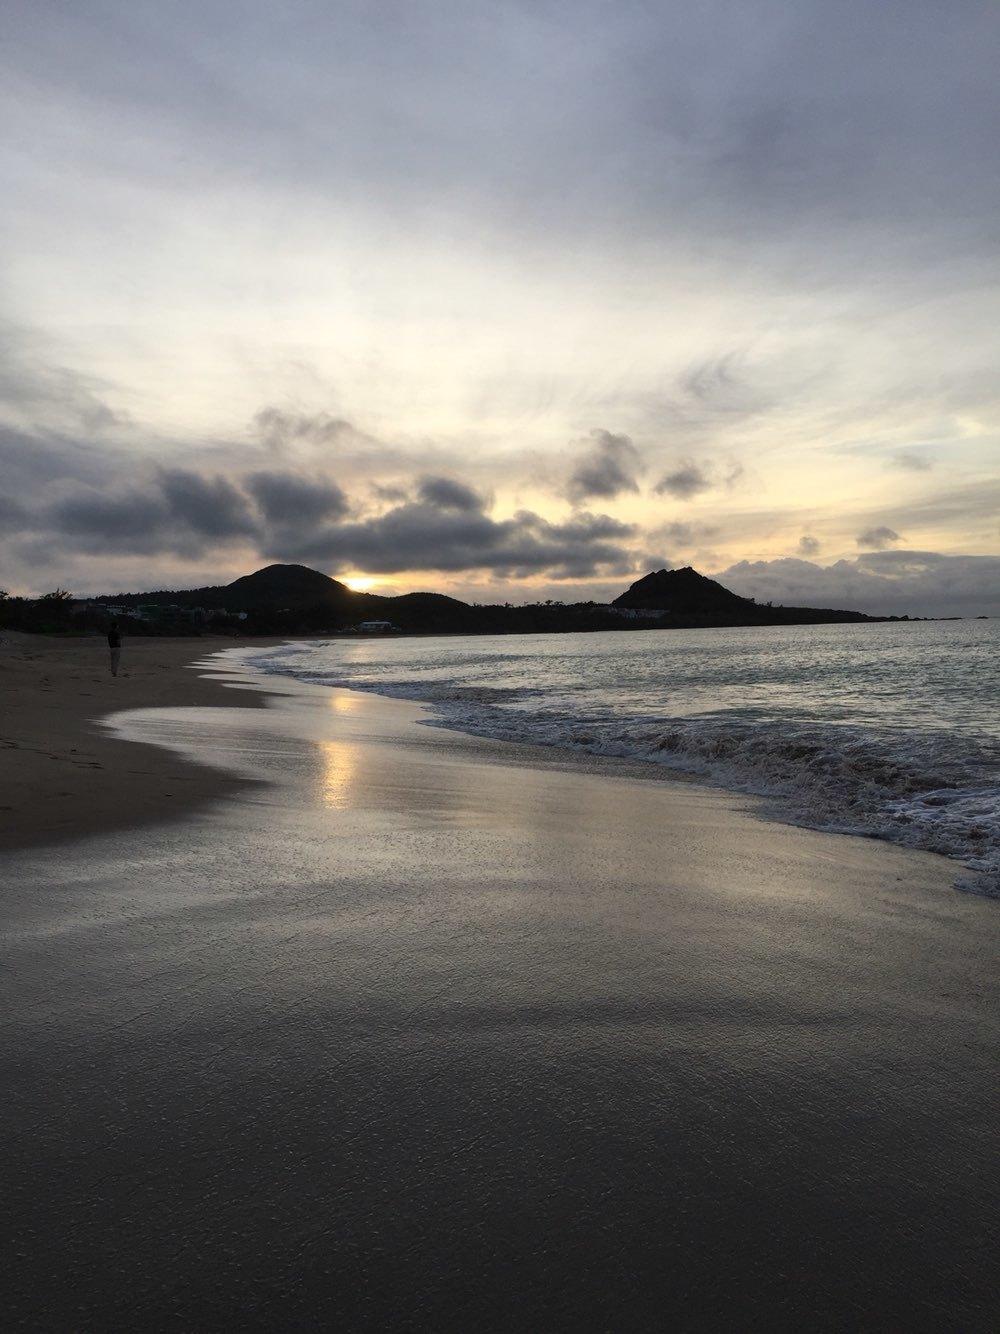 打开阳台门就是沙滩大海,早起看日出,迎着朝阳在沙滩上奔跑,温柔的图片